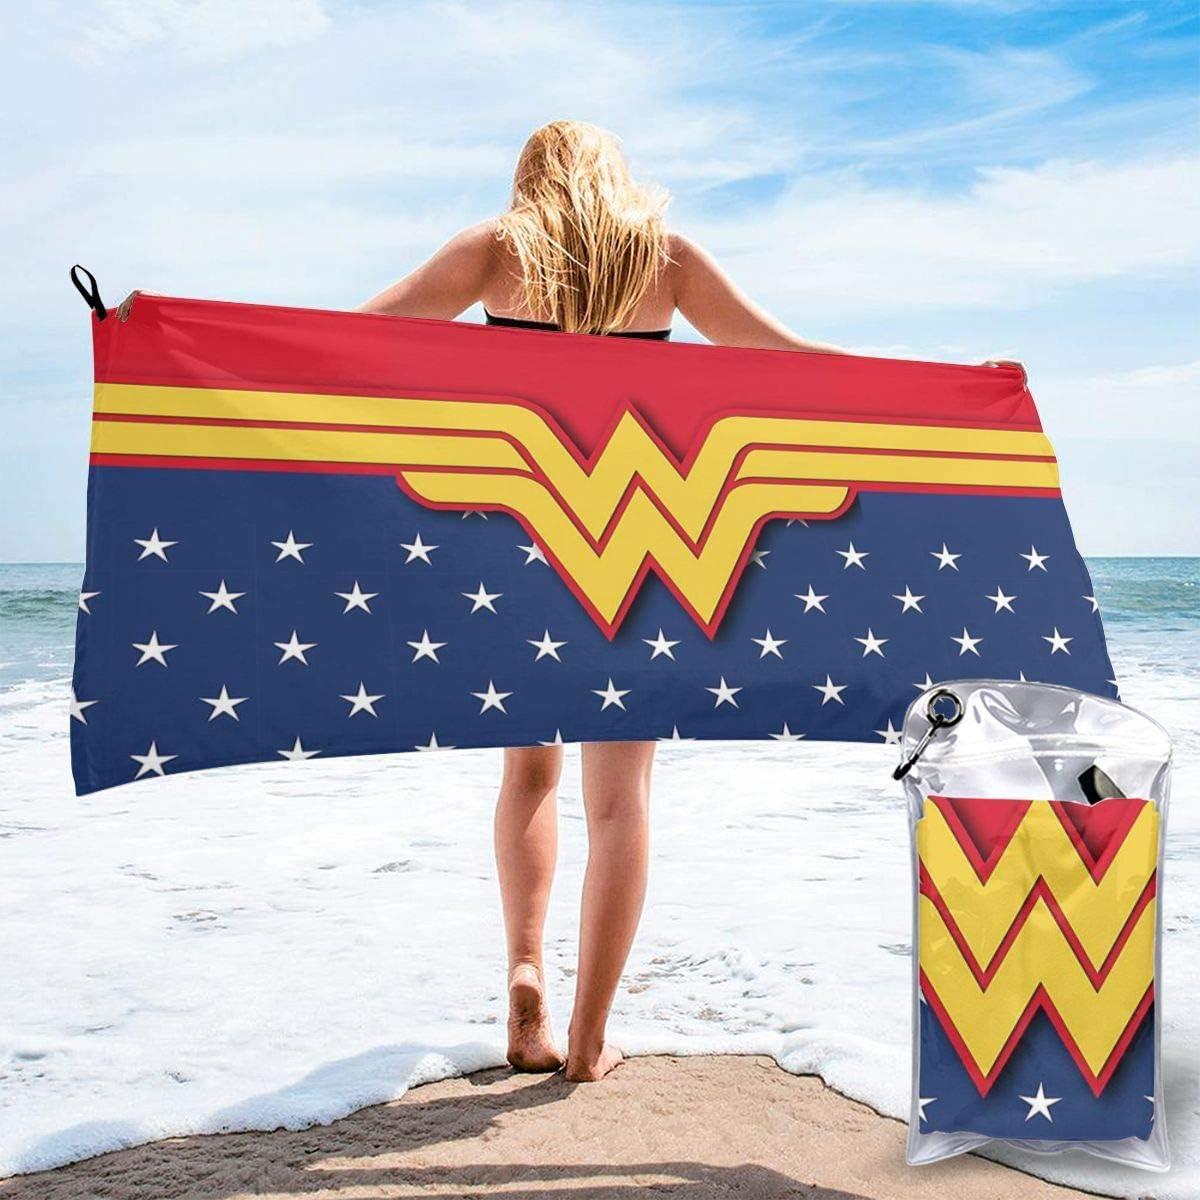 Toalla de playa Toalla de baño The Avenger Superheros Wonder Woman Toalla de playa Toalla de baño Secado rápido Viajes Playa Camping Yoga Gimnasio Toallas de piscina Toalla suave 27.5 x 55